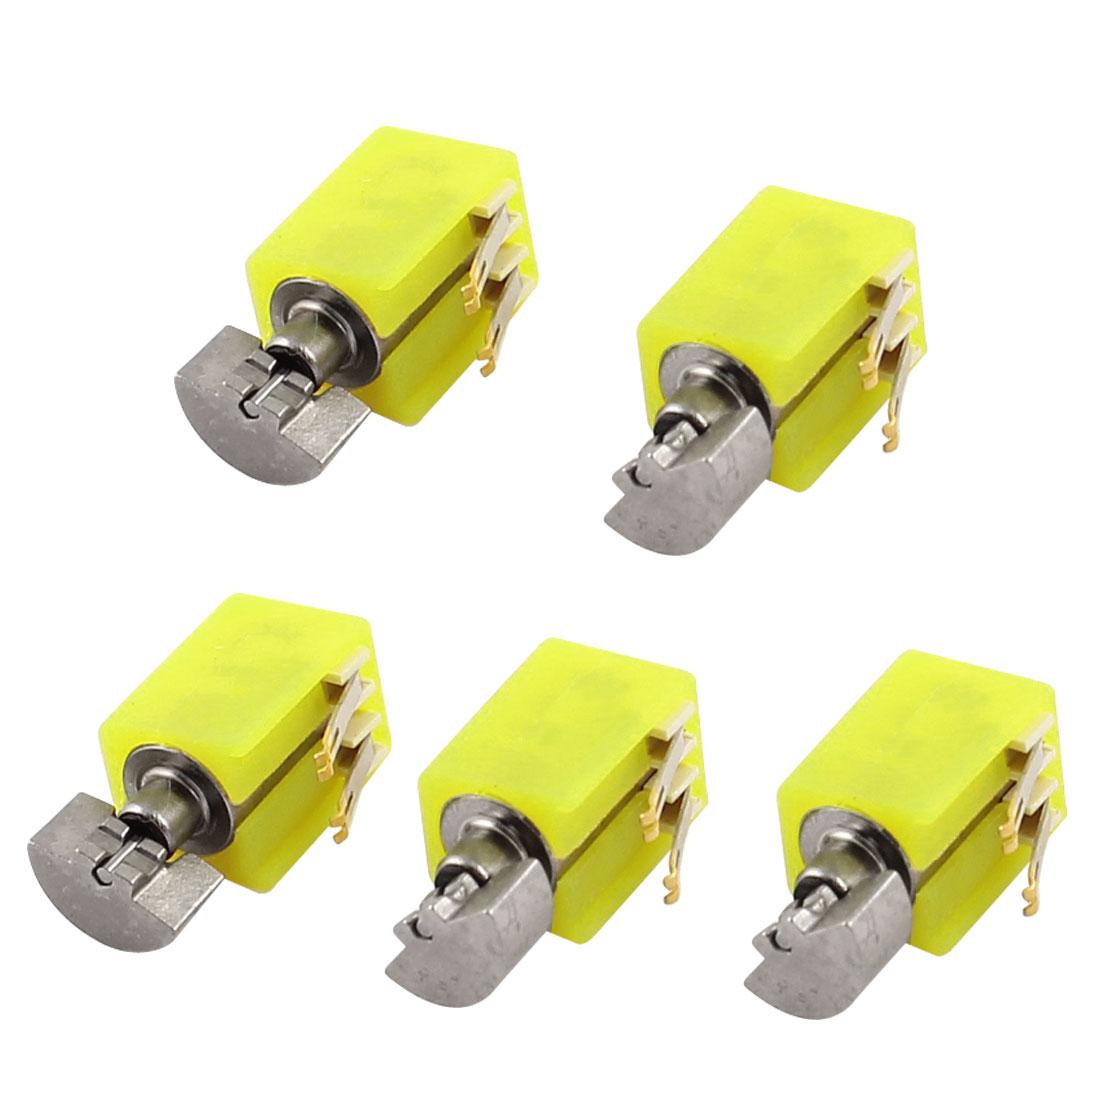 5-Pcs-3V-1000RPM-4mmx6-5mm-Micro-Coreless-Vibrating-Motor-for-DIY-Toys